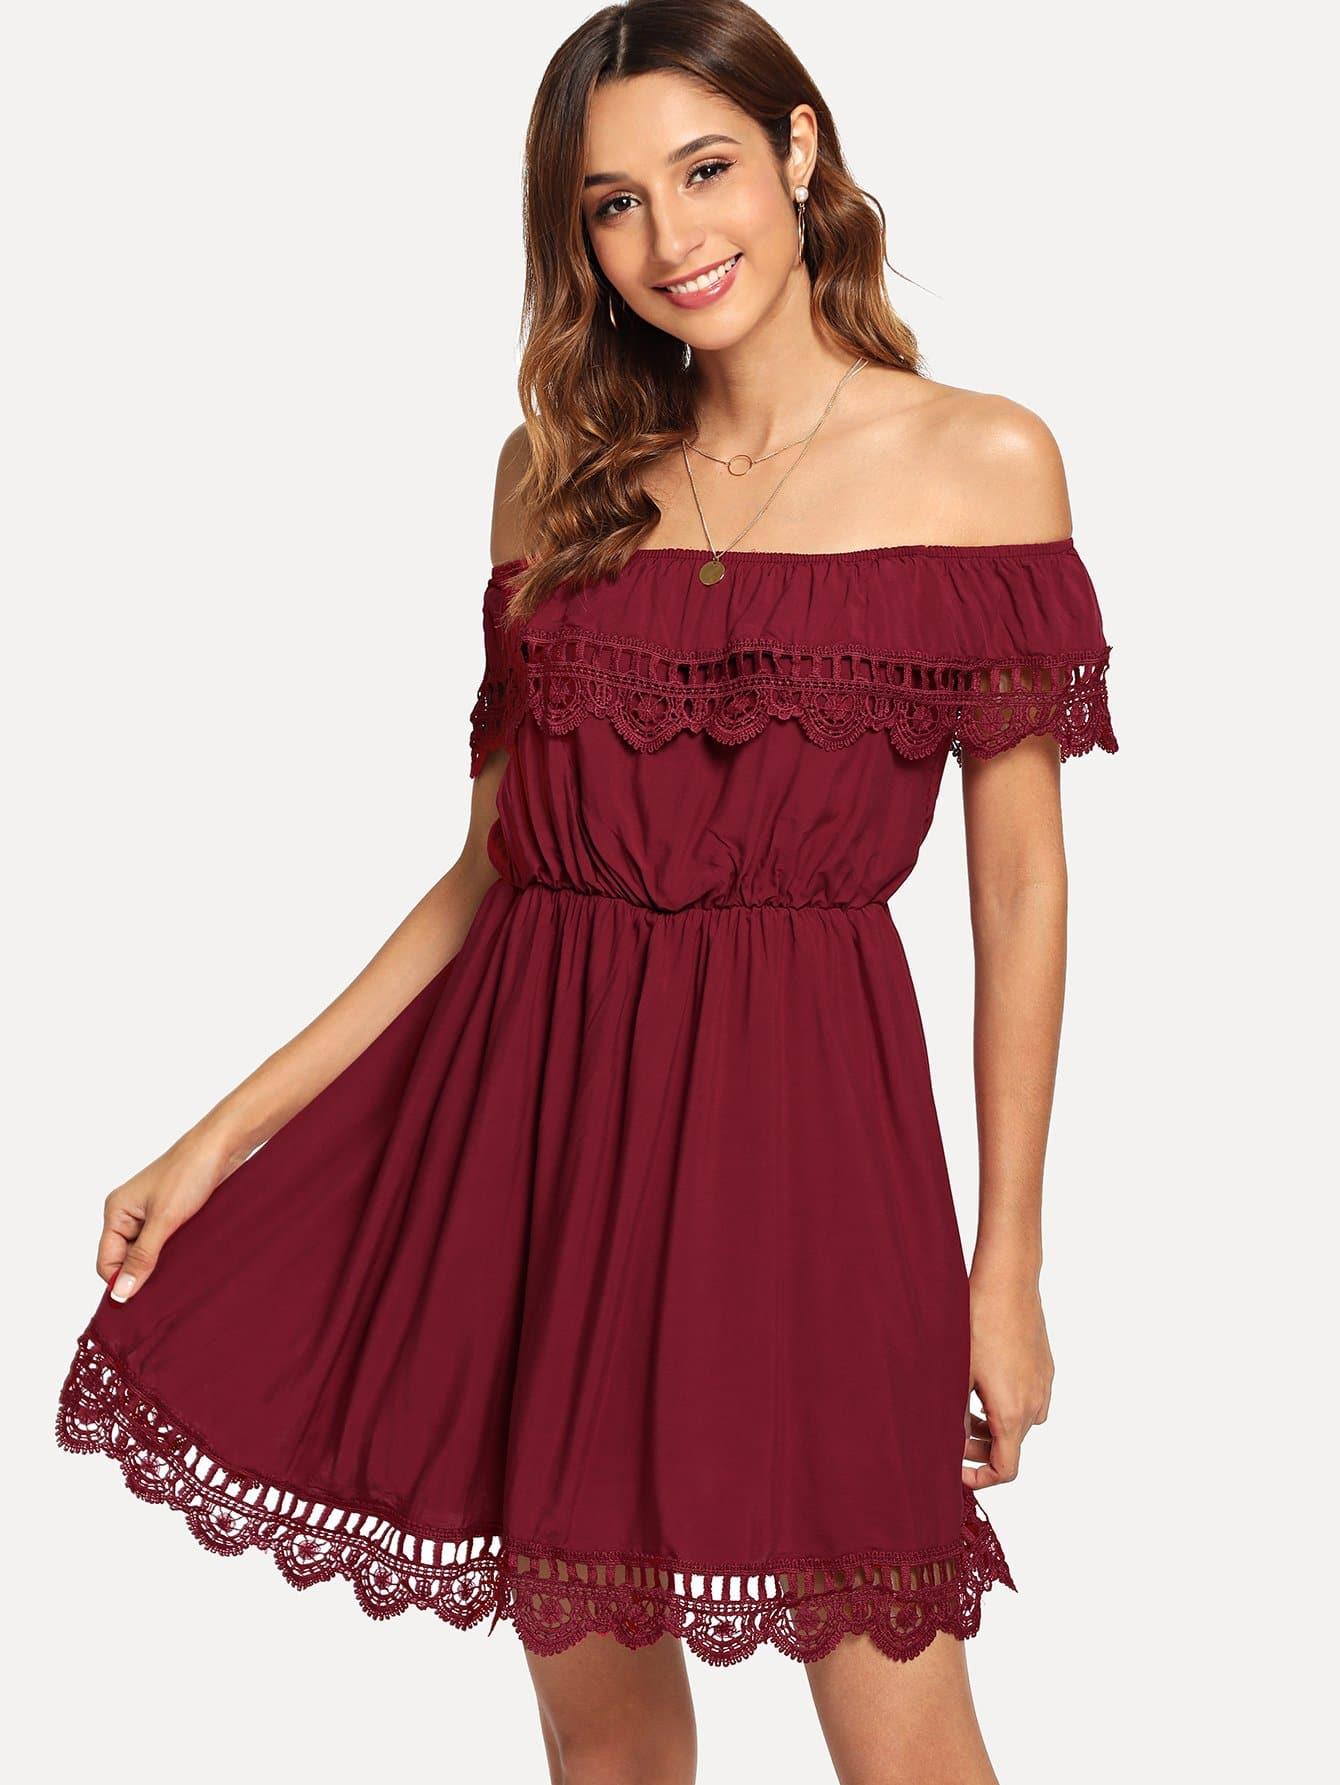 Купить Закройное платье без бретелек и с кружевными оборками, Gabi B, SheIn